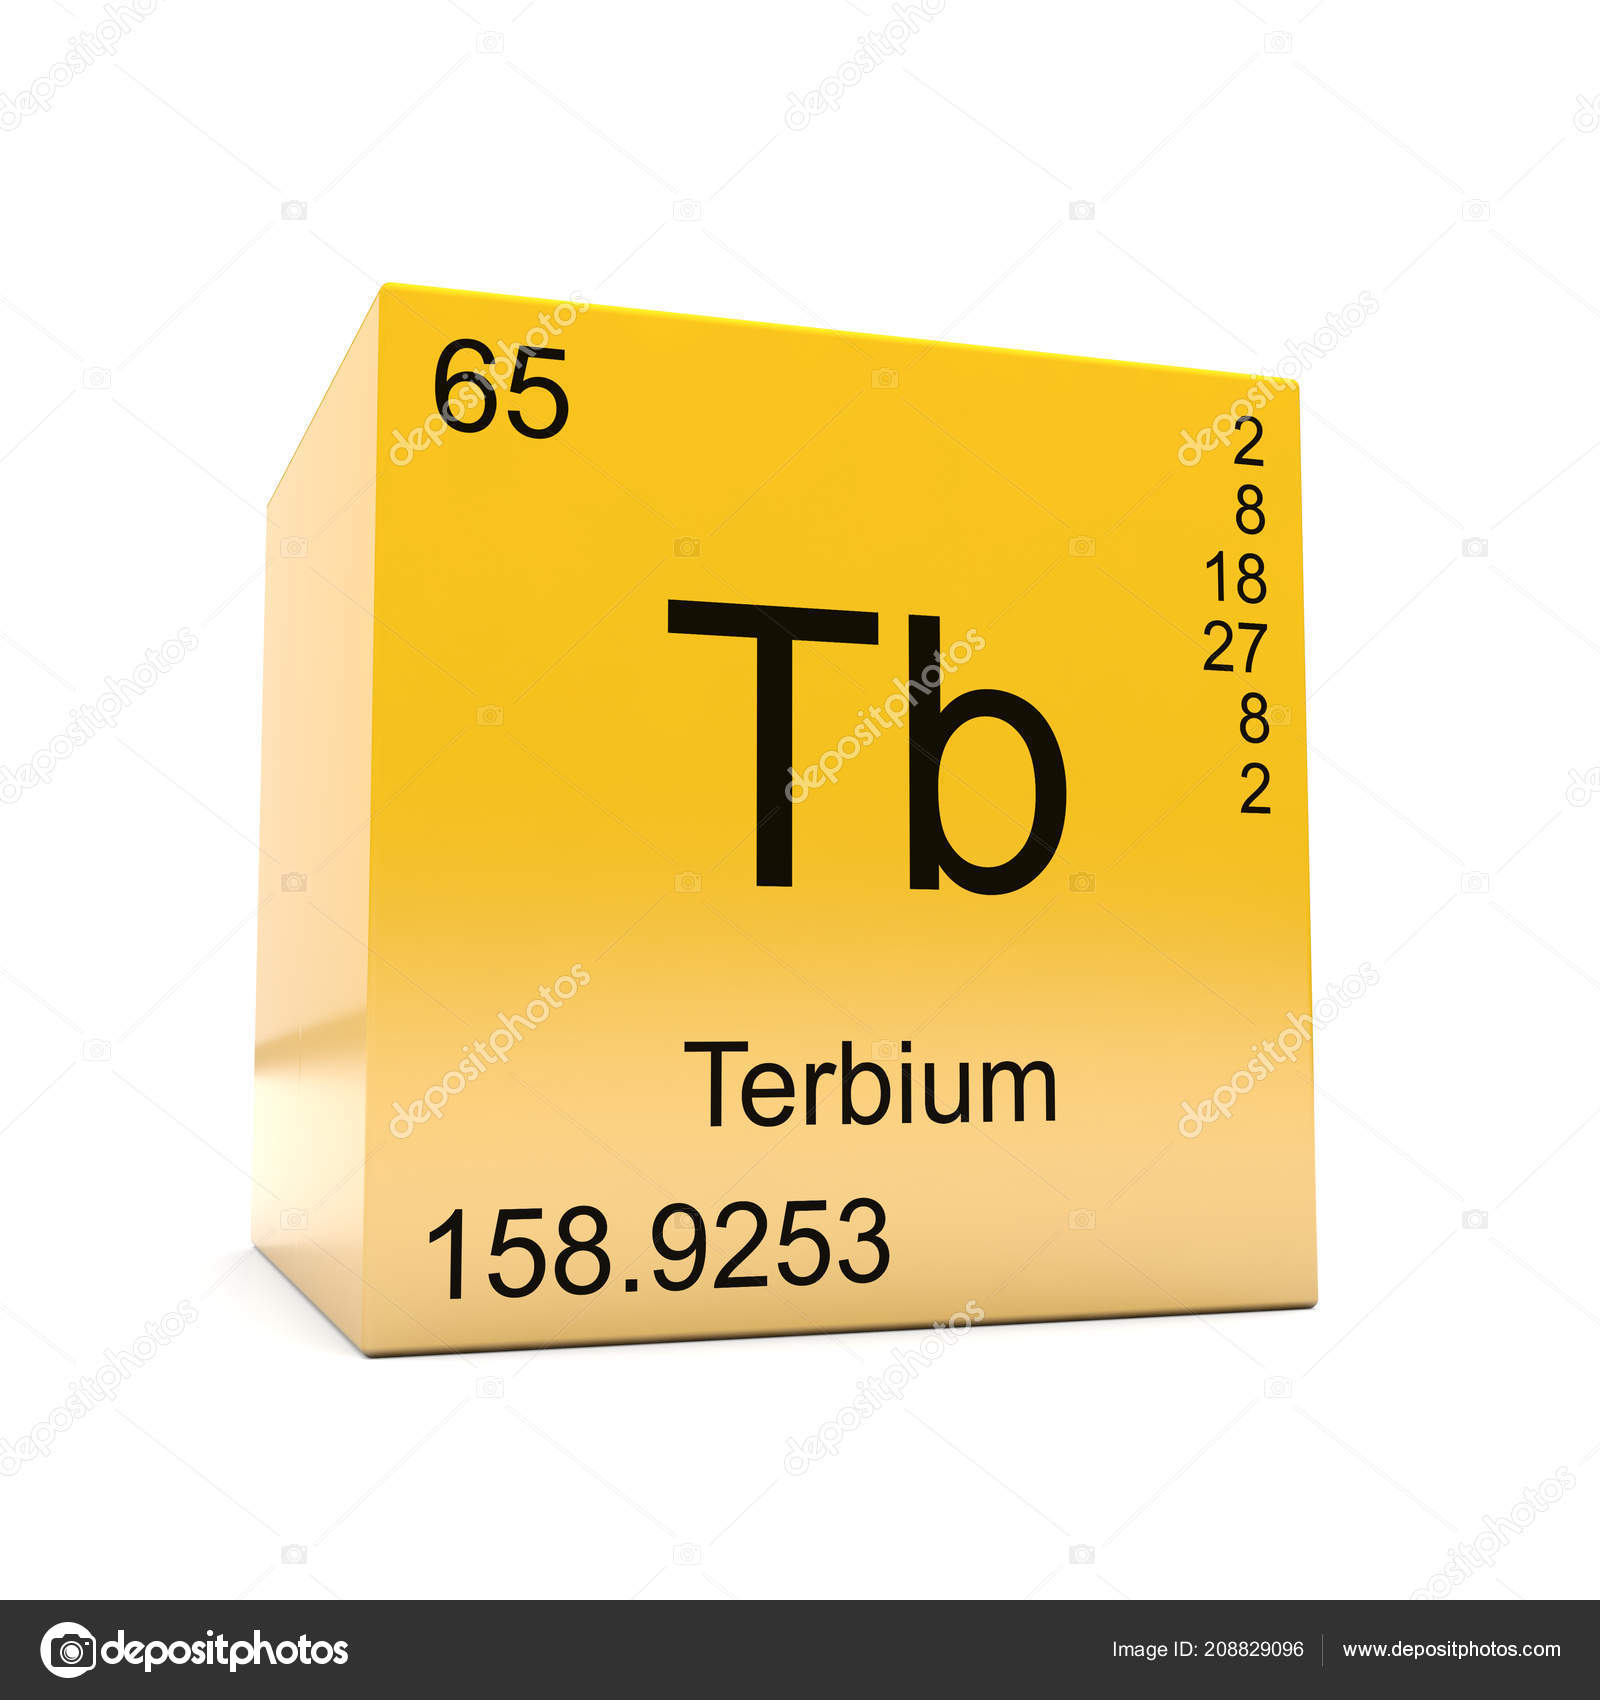 Terbium Chemical Element Symbol Periodic Table Displayed Glossy